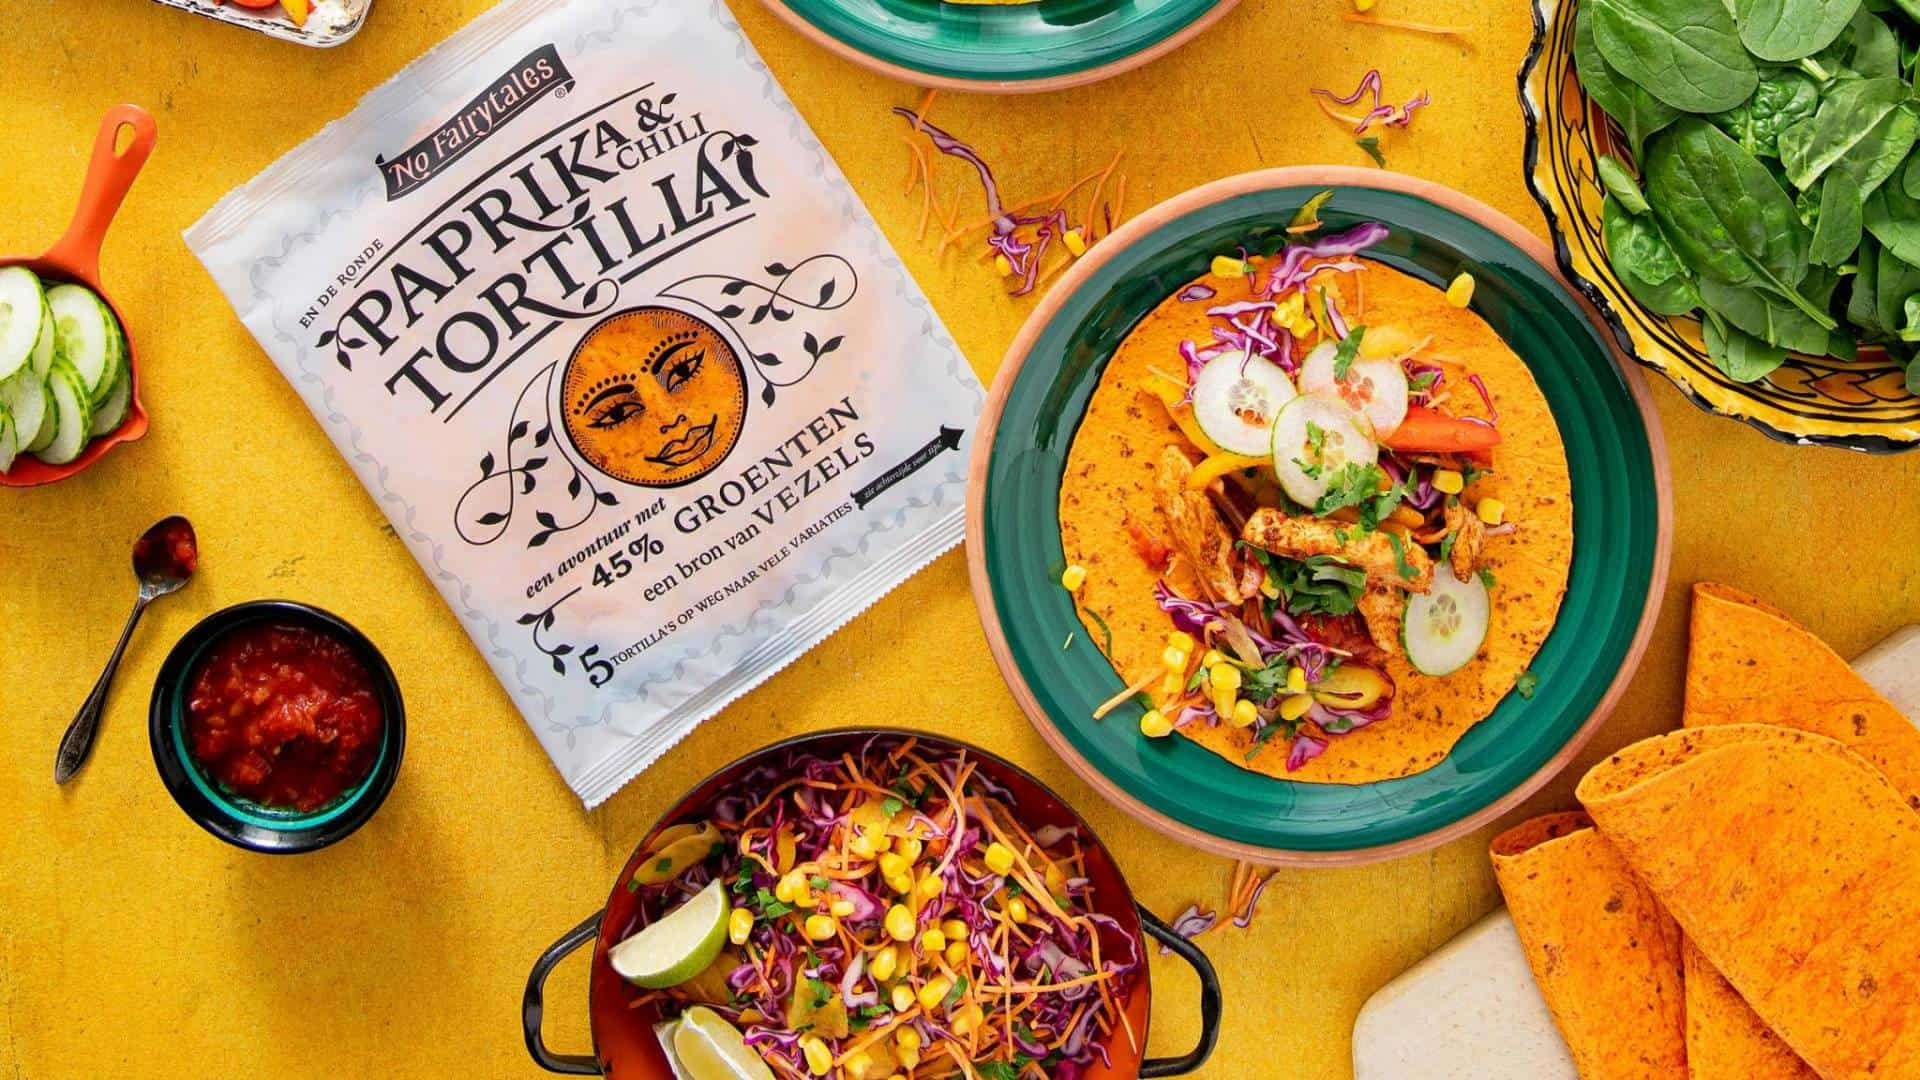 No Fairytales Paprika Chili Tortilla